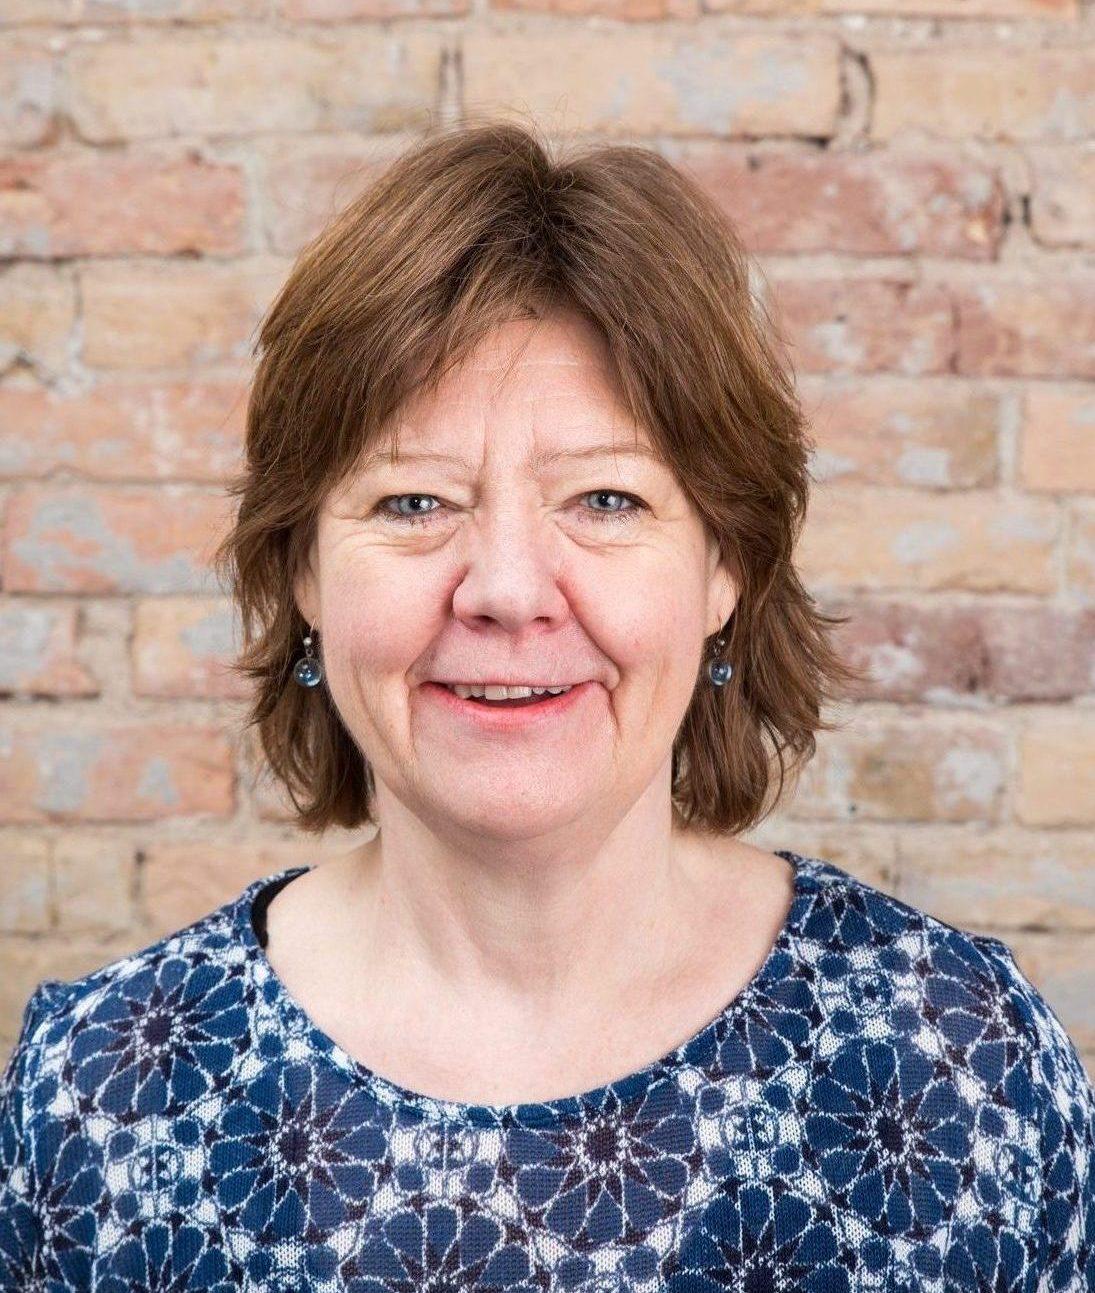 Connie Skammelsen